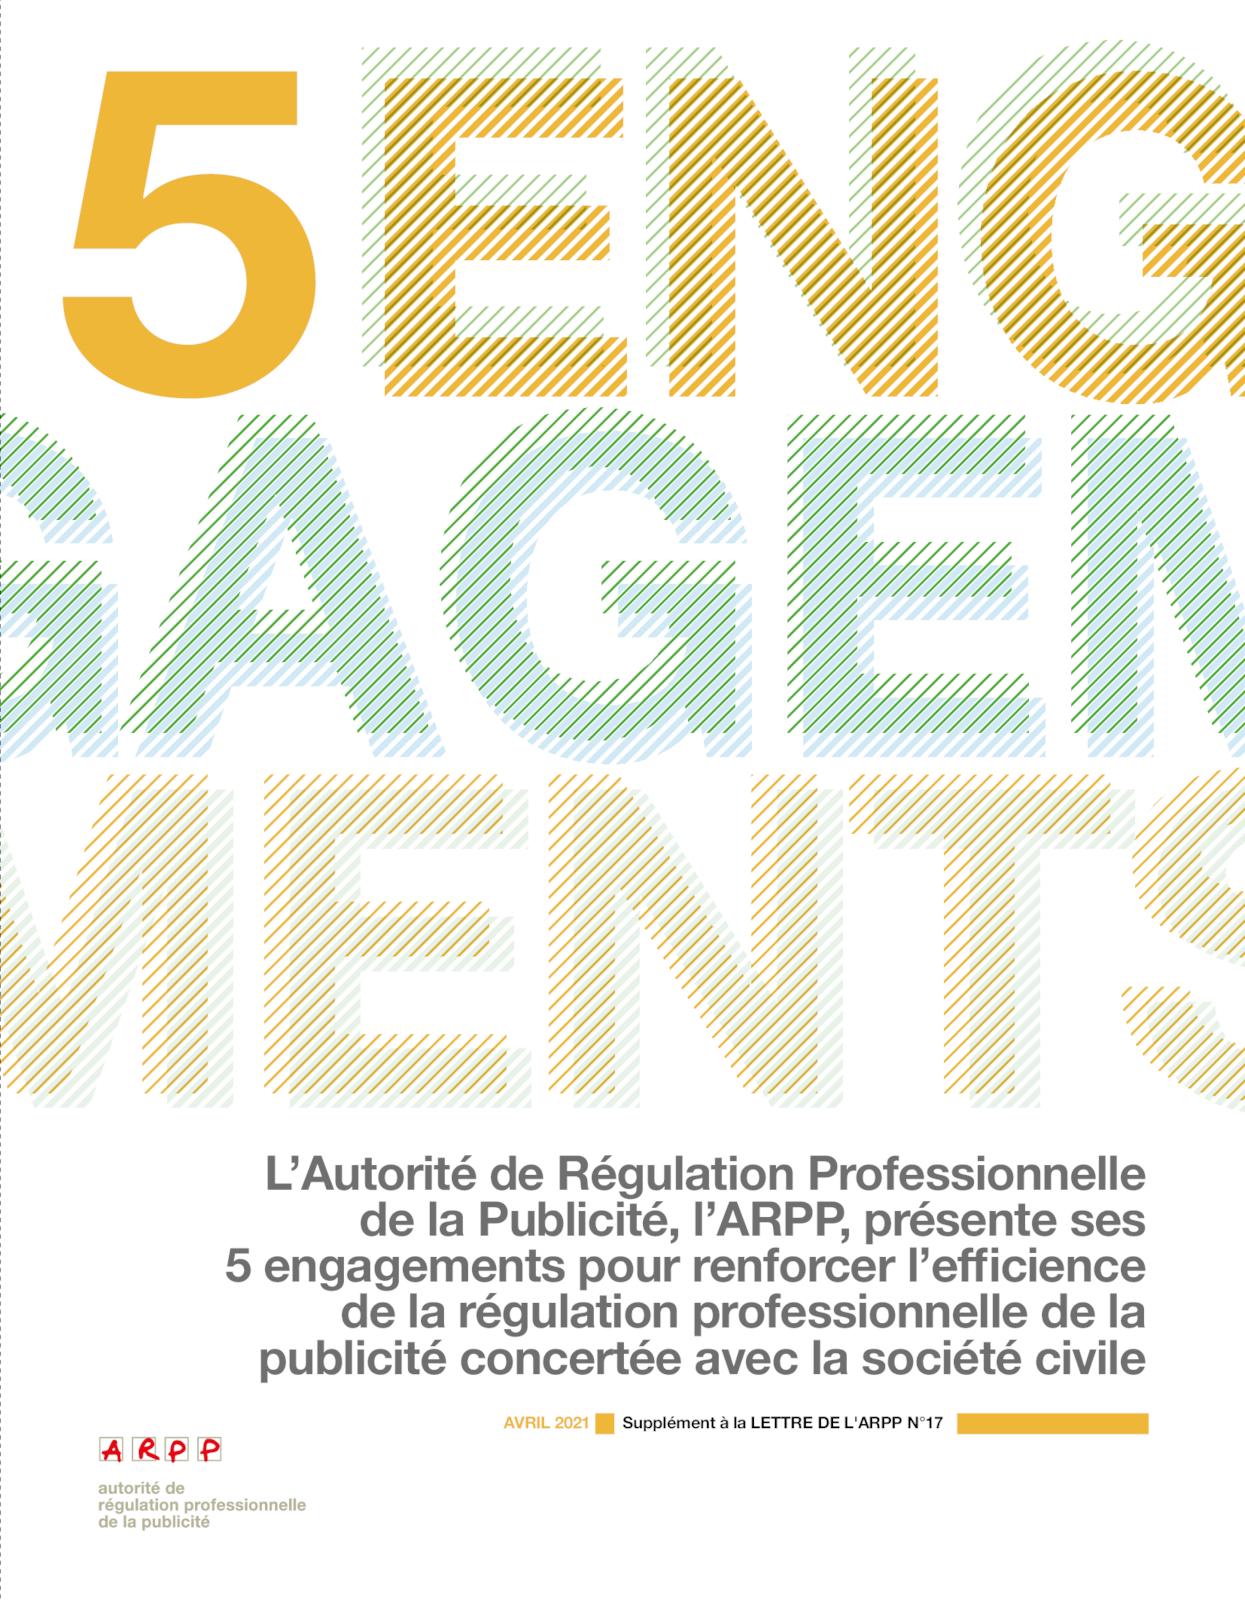 L'ARPP n°17 - Supplément 5 engagements concrets de l'ARPP